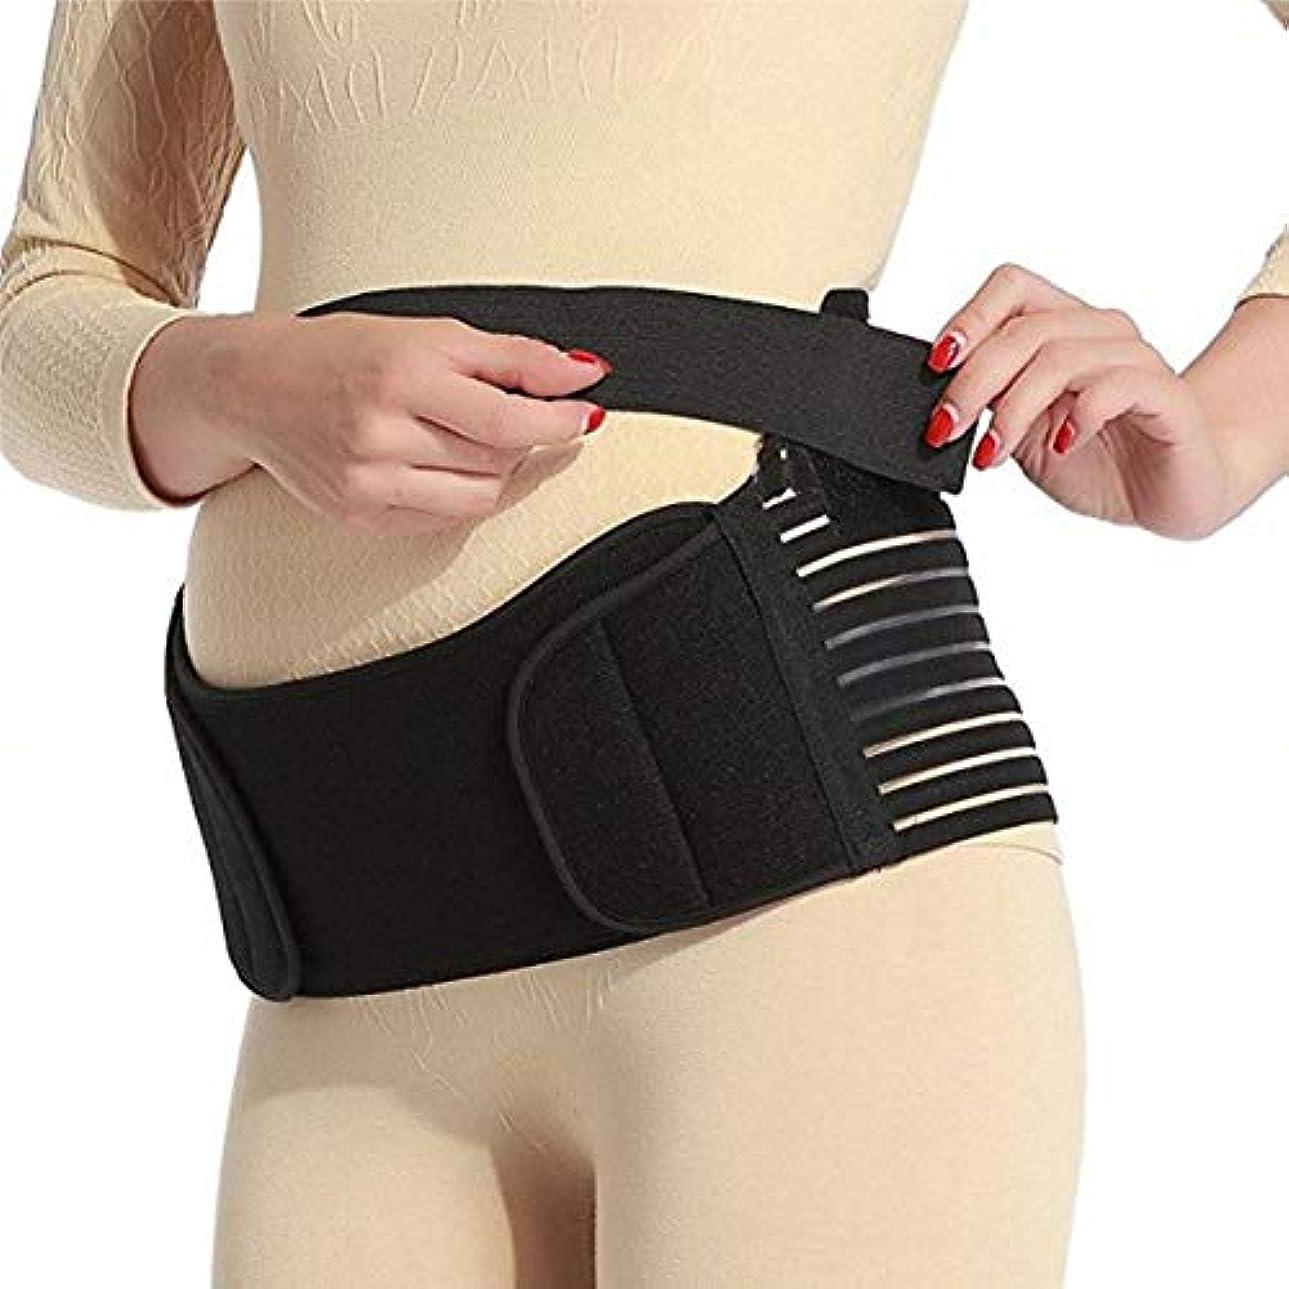 浸すグロー音楽を聴く通気性マタニティベルト妊娠中の腹部サポート腹部バインダーガードル運動包帯産後の回復shapewear - ブラックM